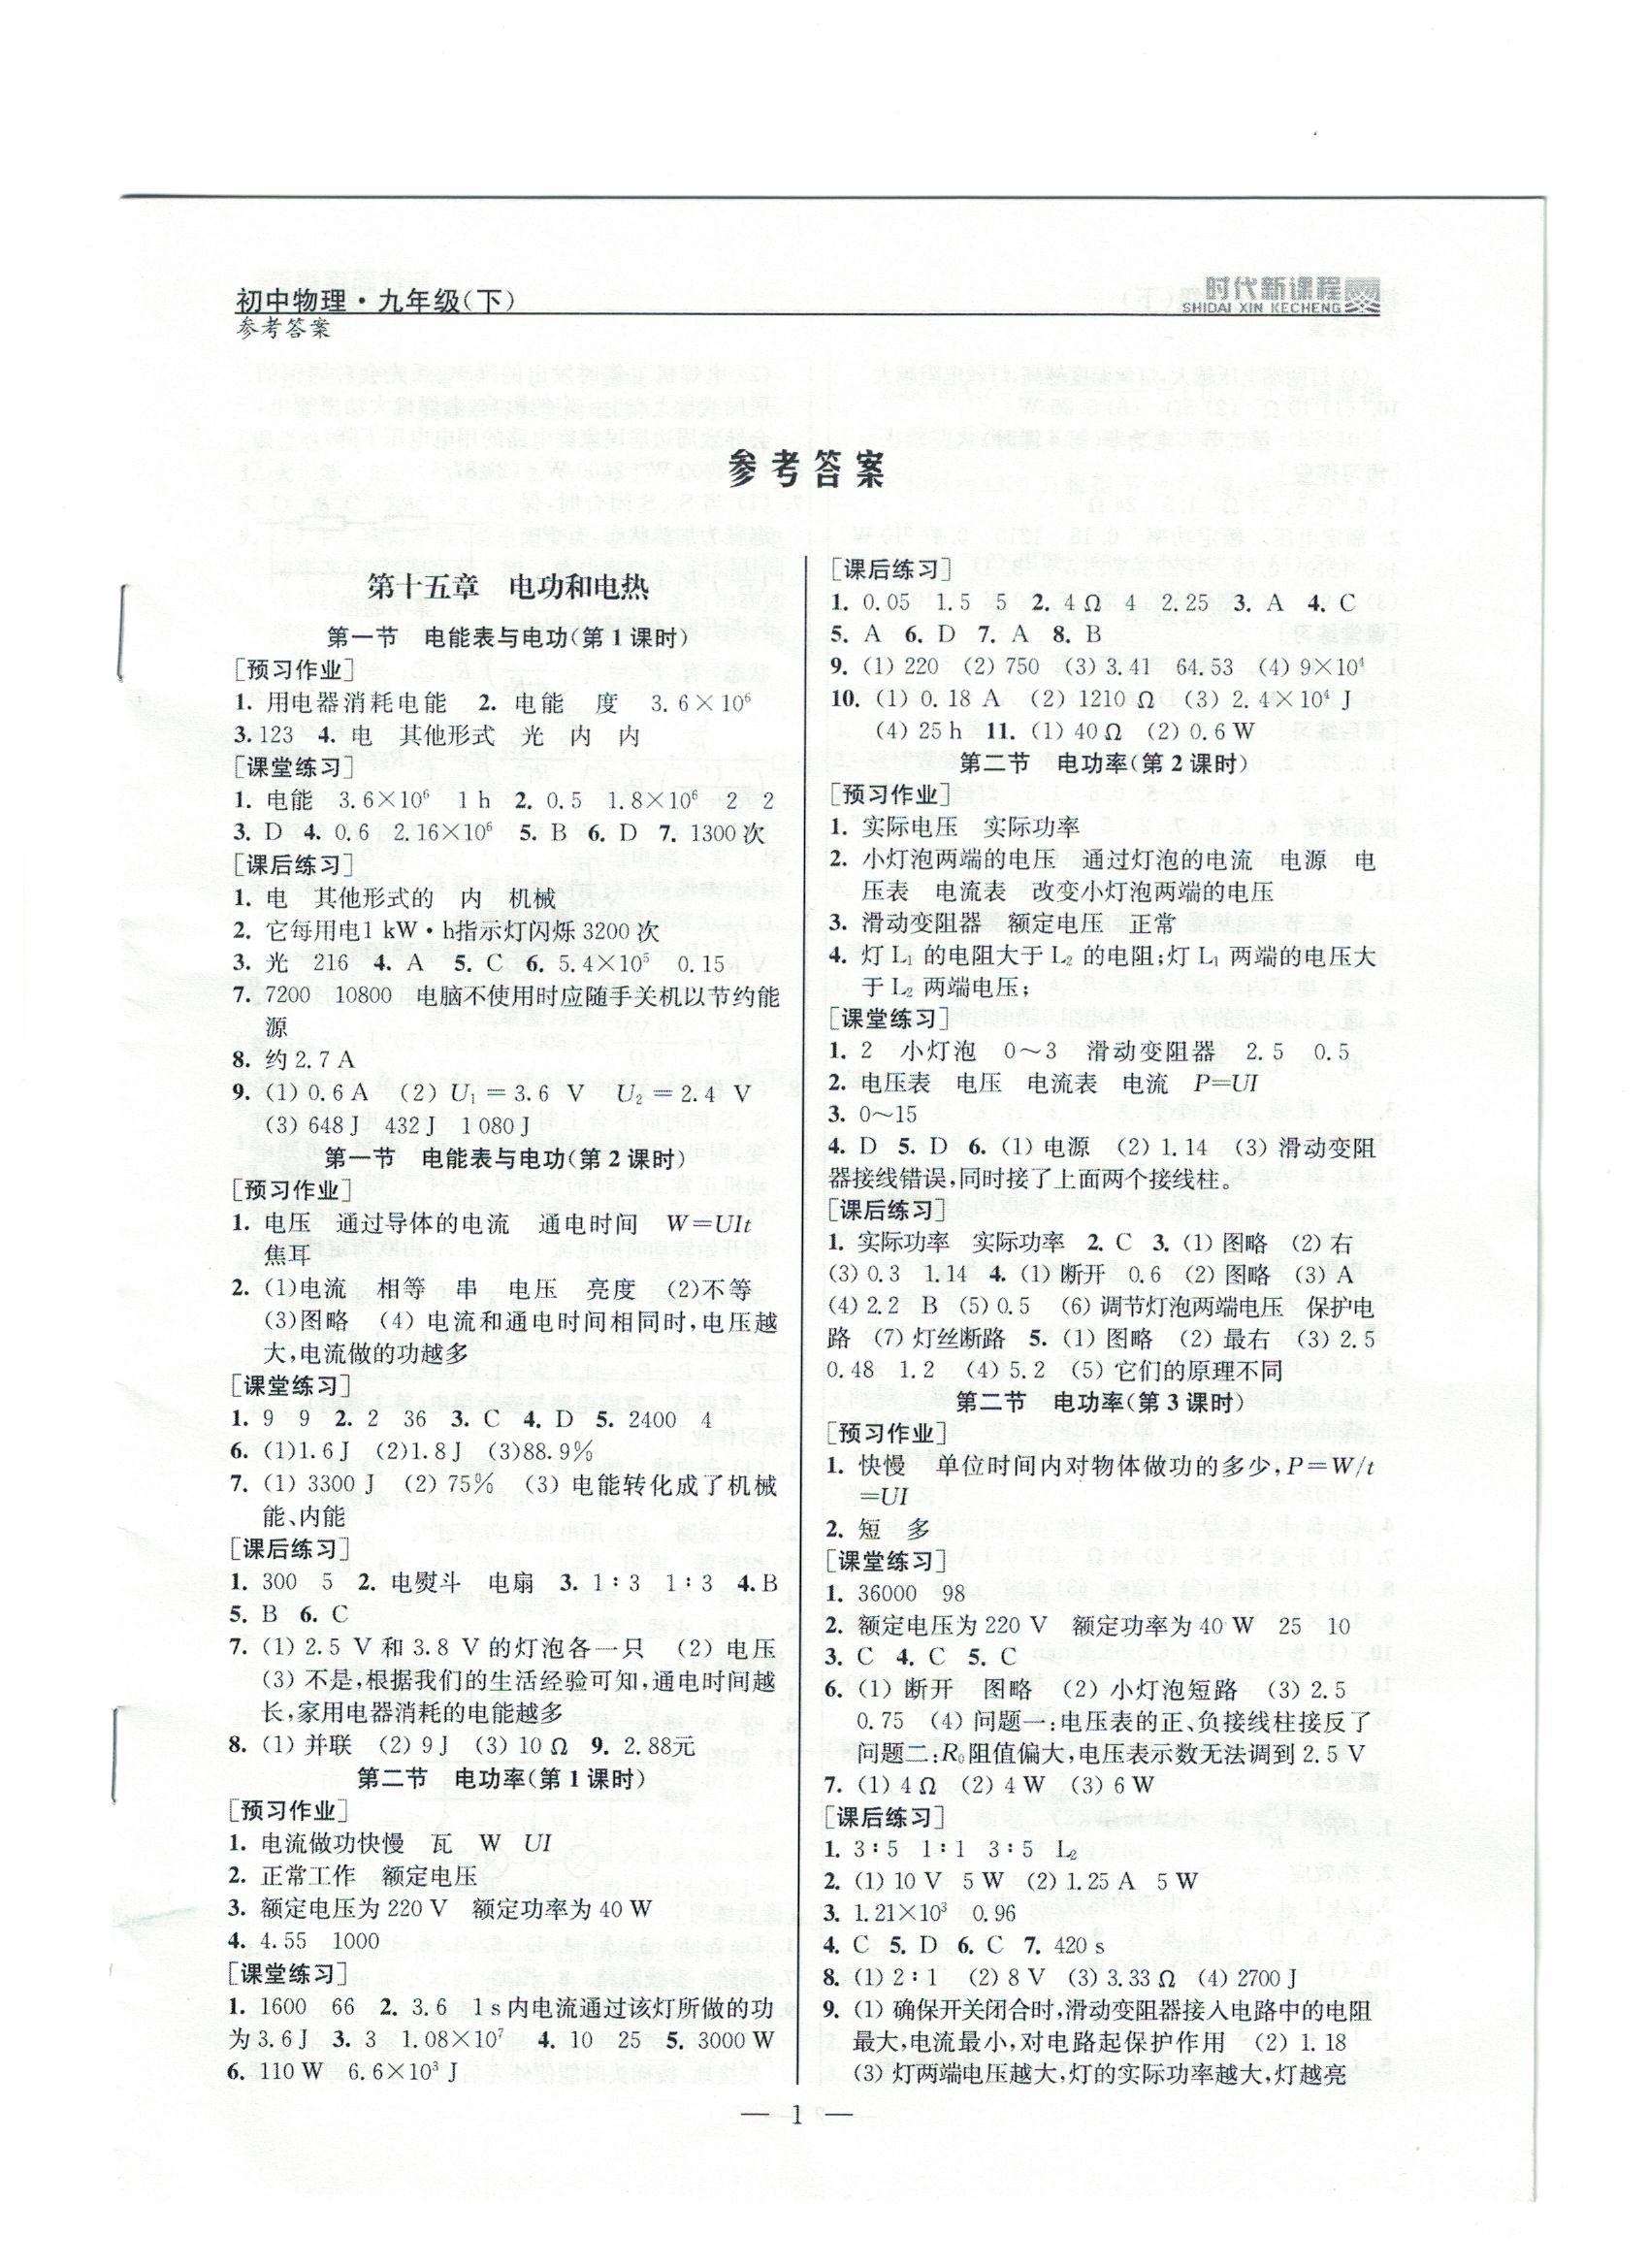 2020年时代新课程九年级物理下册苏科版参考答案第1页